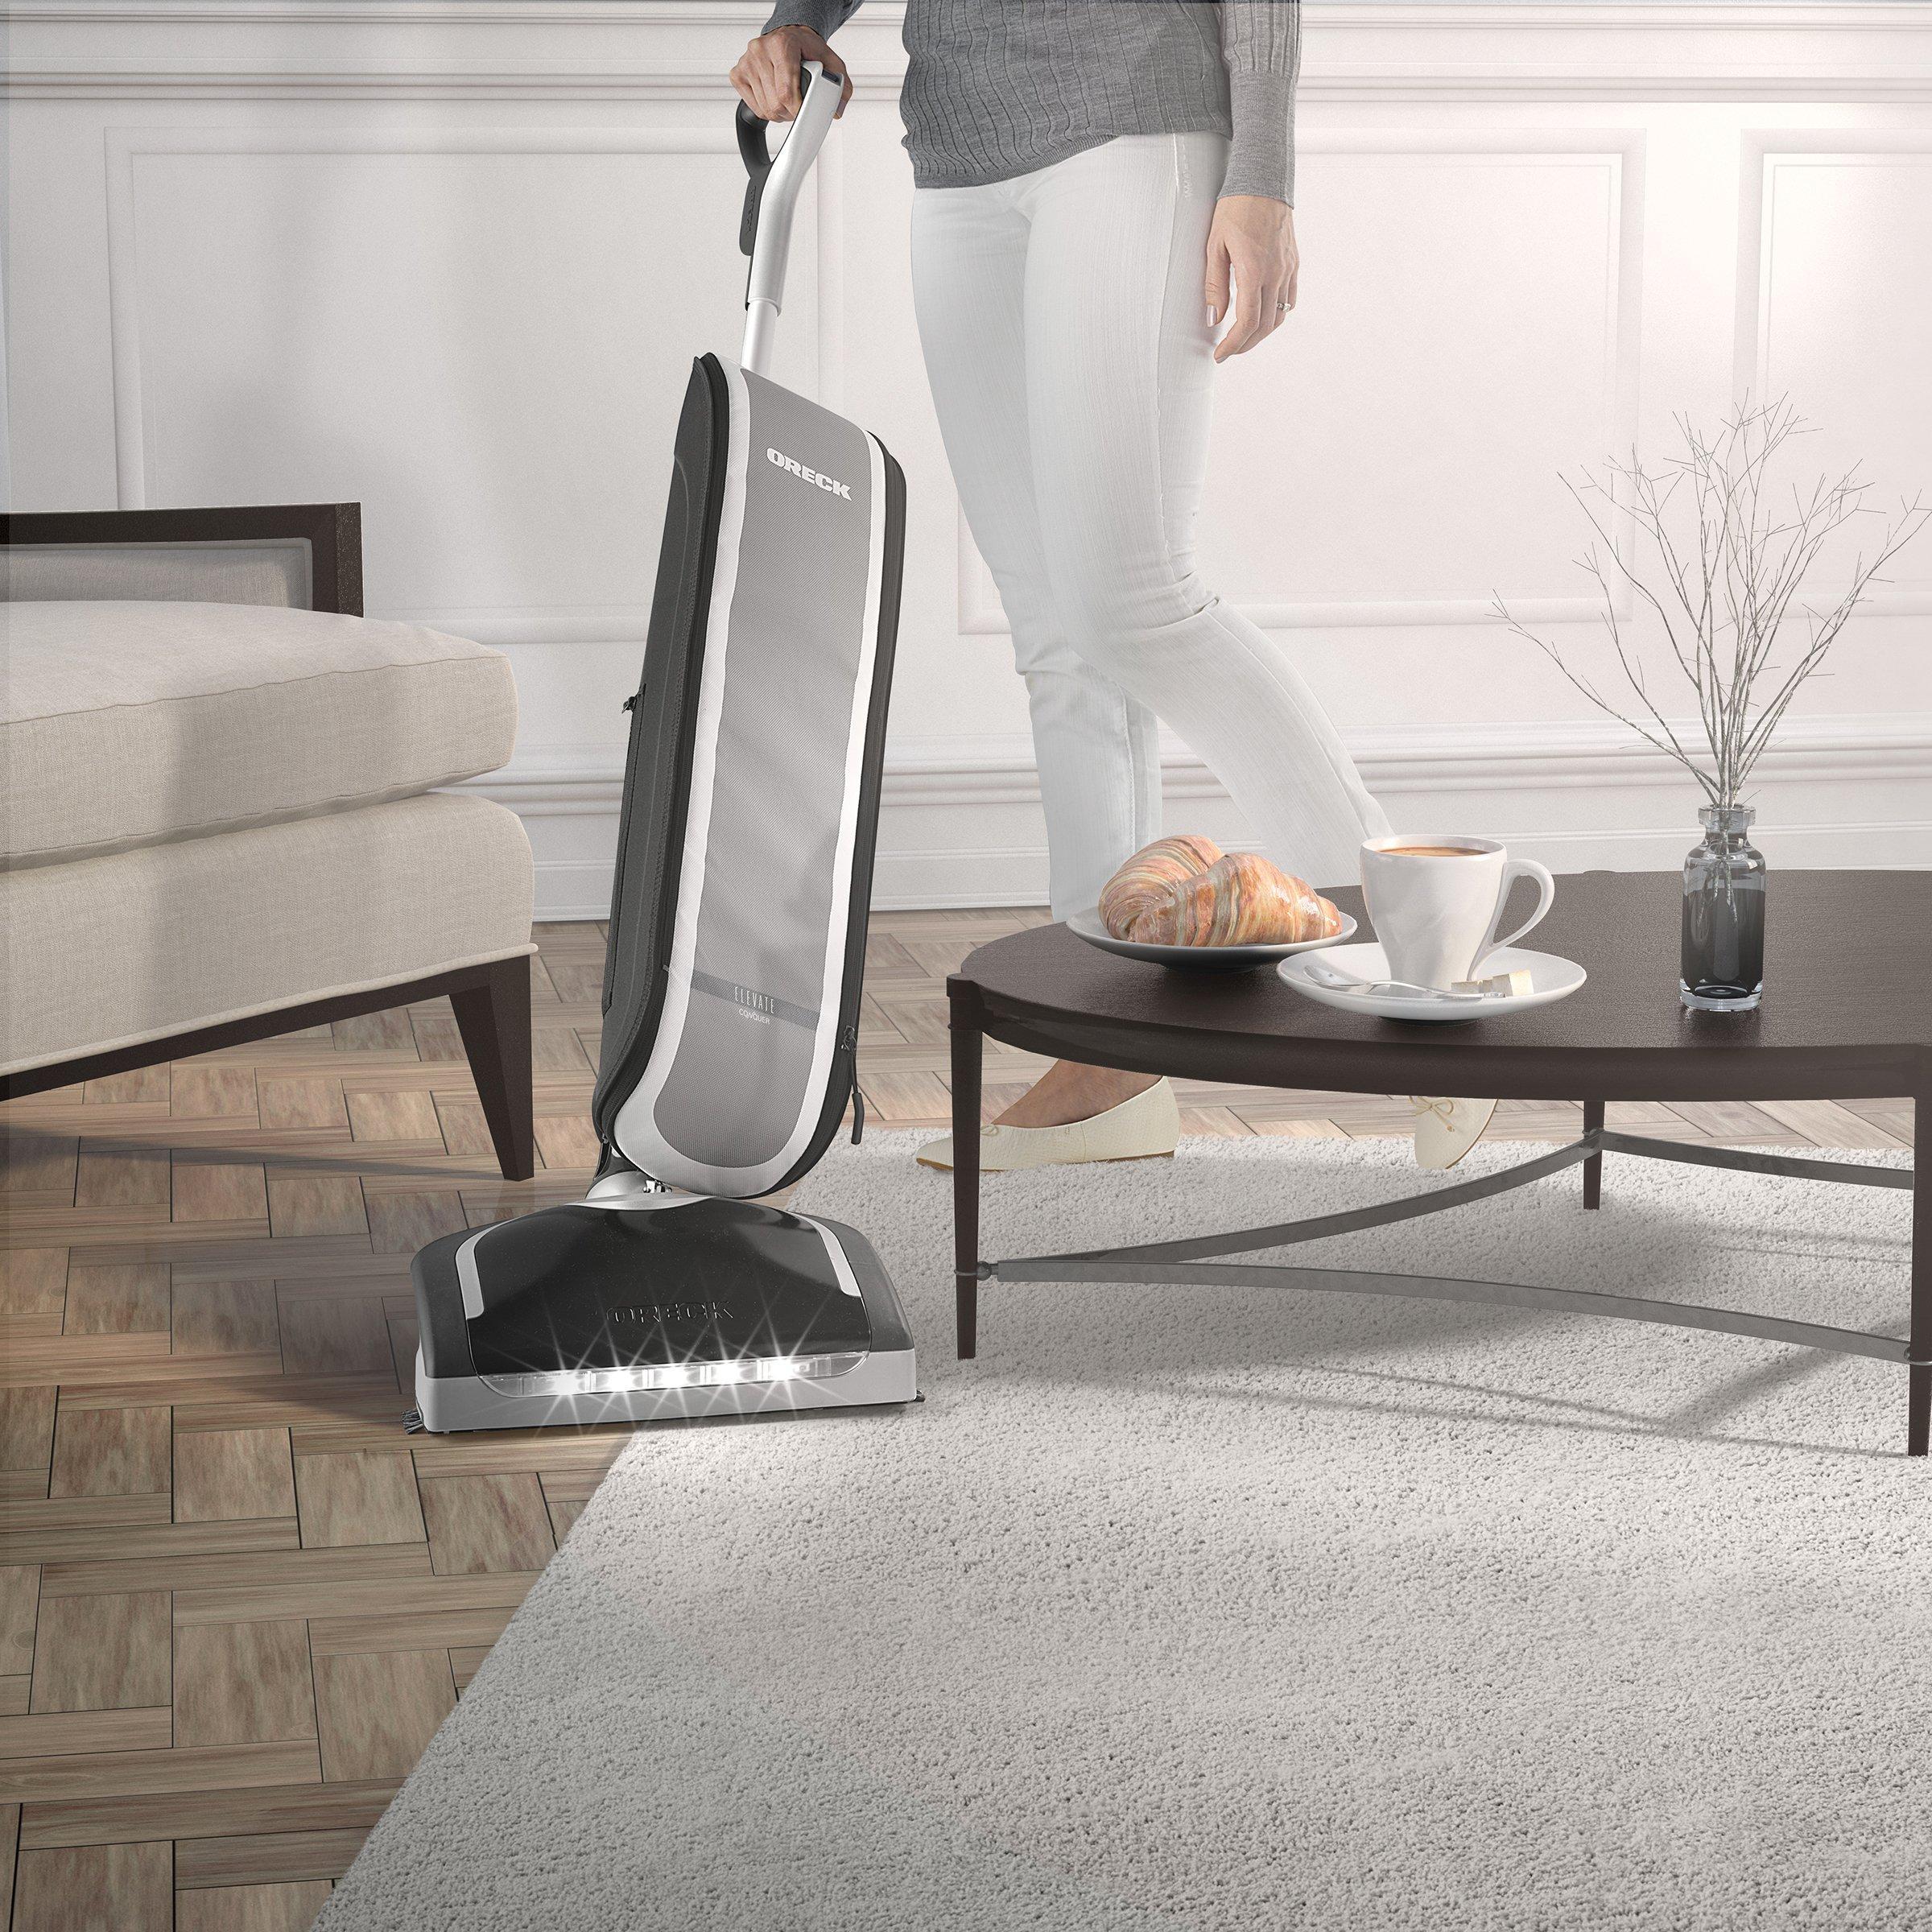 Elevate Conquer Vacuum10